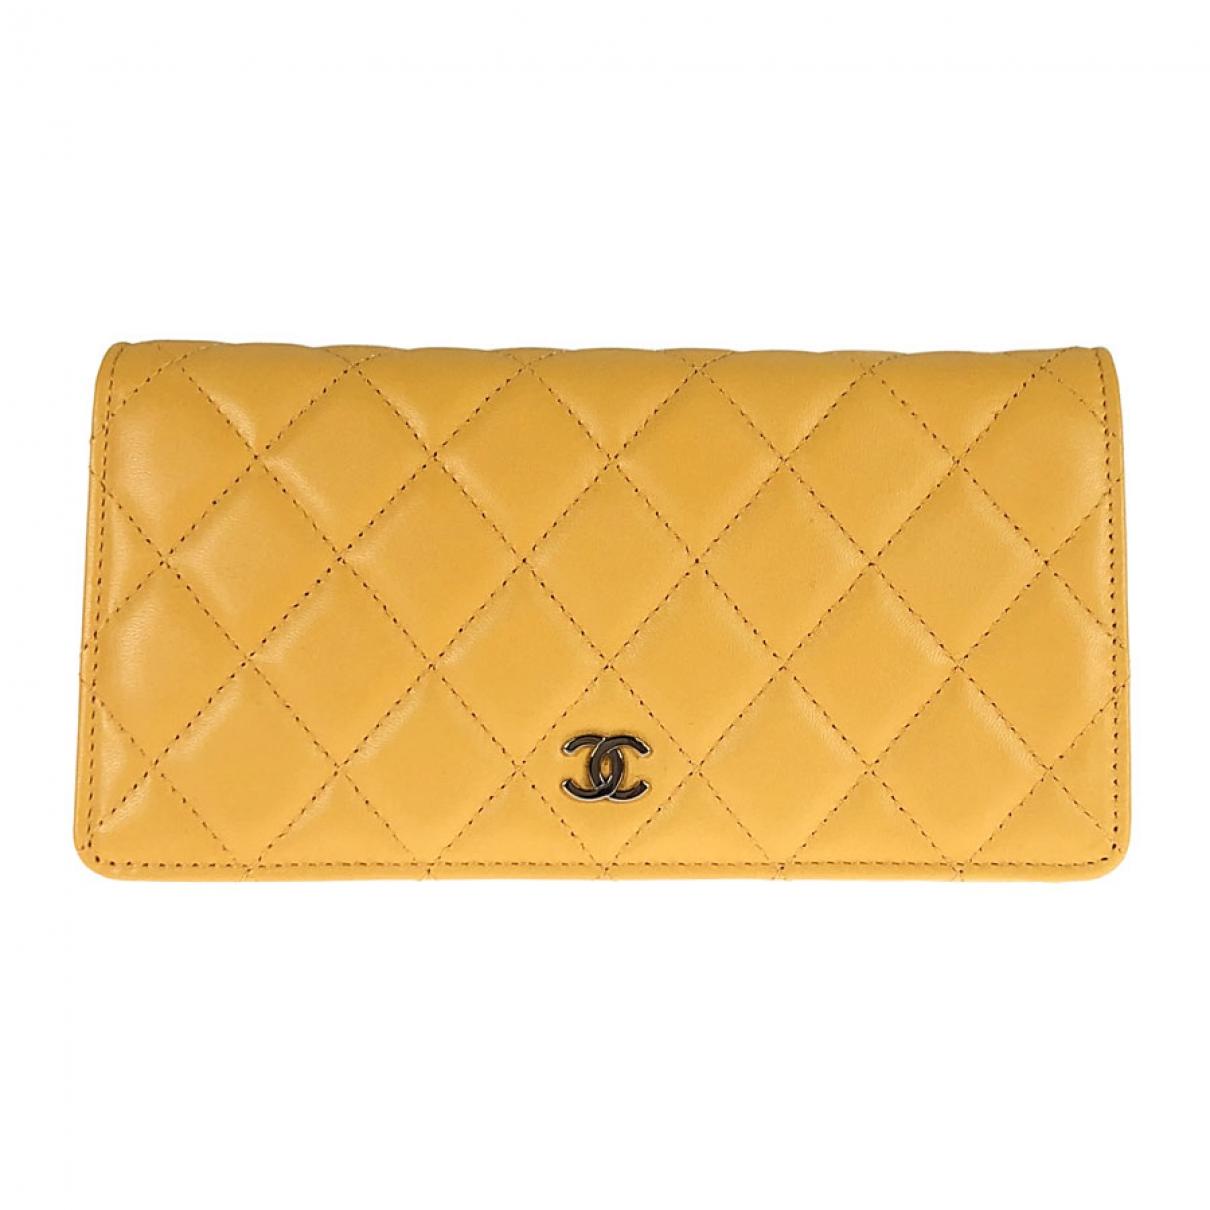 Chanel - Portefeuille Timeless/Classique pour femme en cuir - jaune